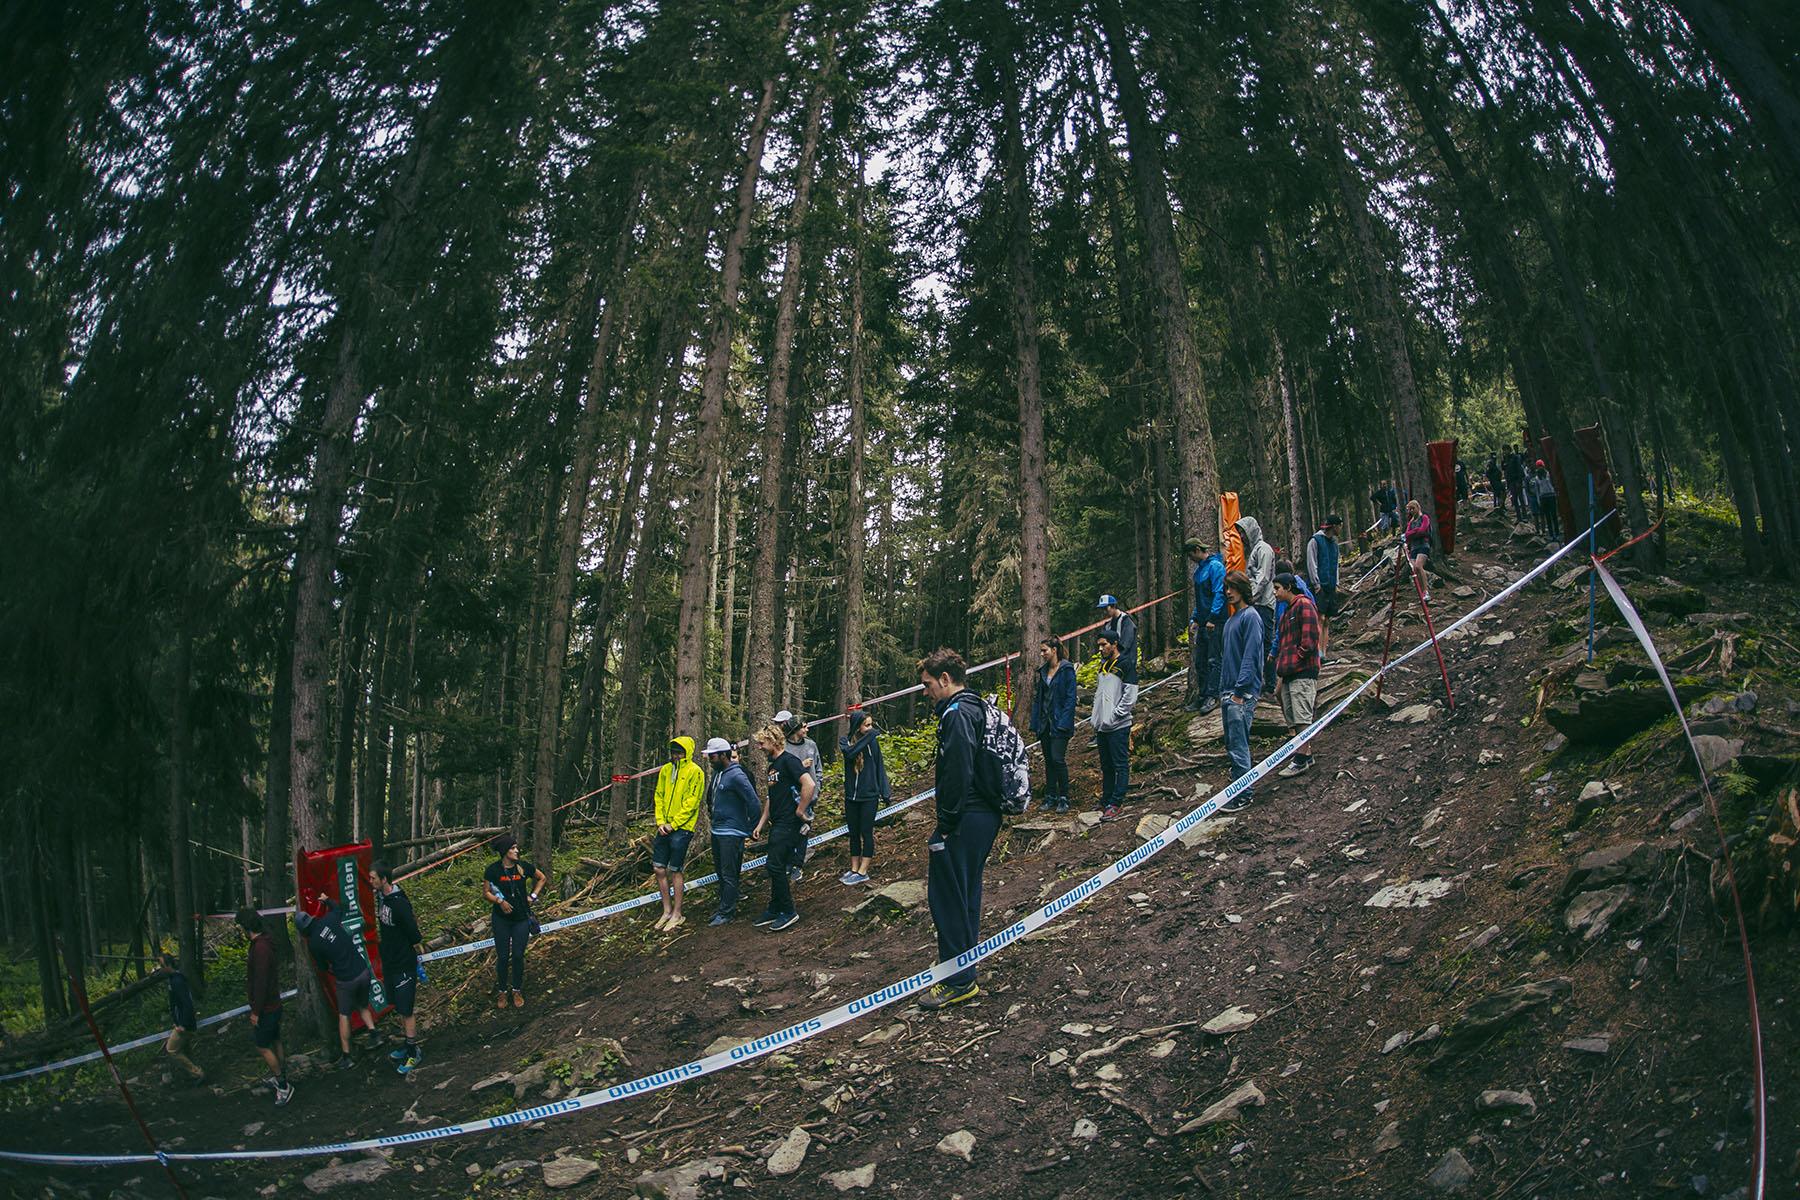 Im ersten Waldstück wird's dann auch richtig downhillig: aufgeweichter Boden, Steine, Wurzeln, mit einer großen Auswahl an verschiedenen Lines.